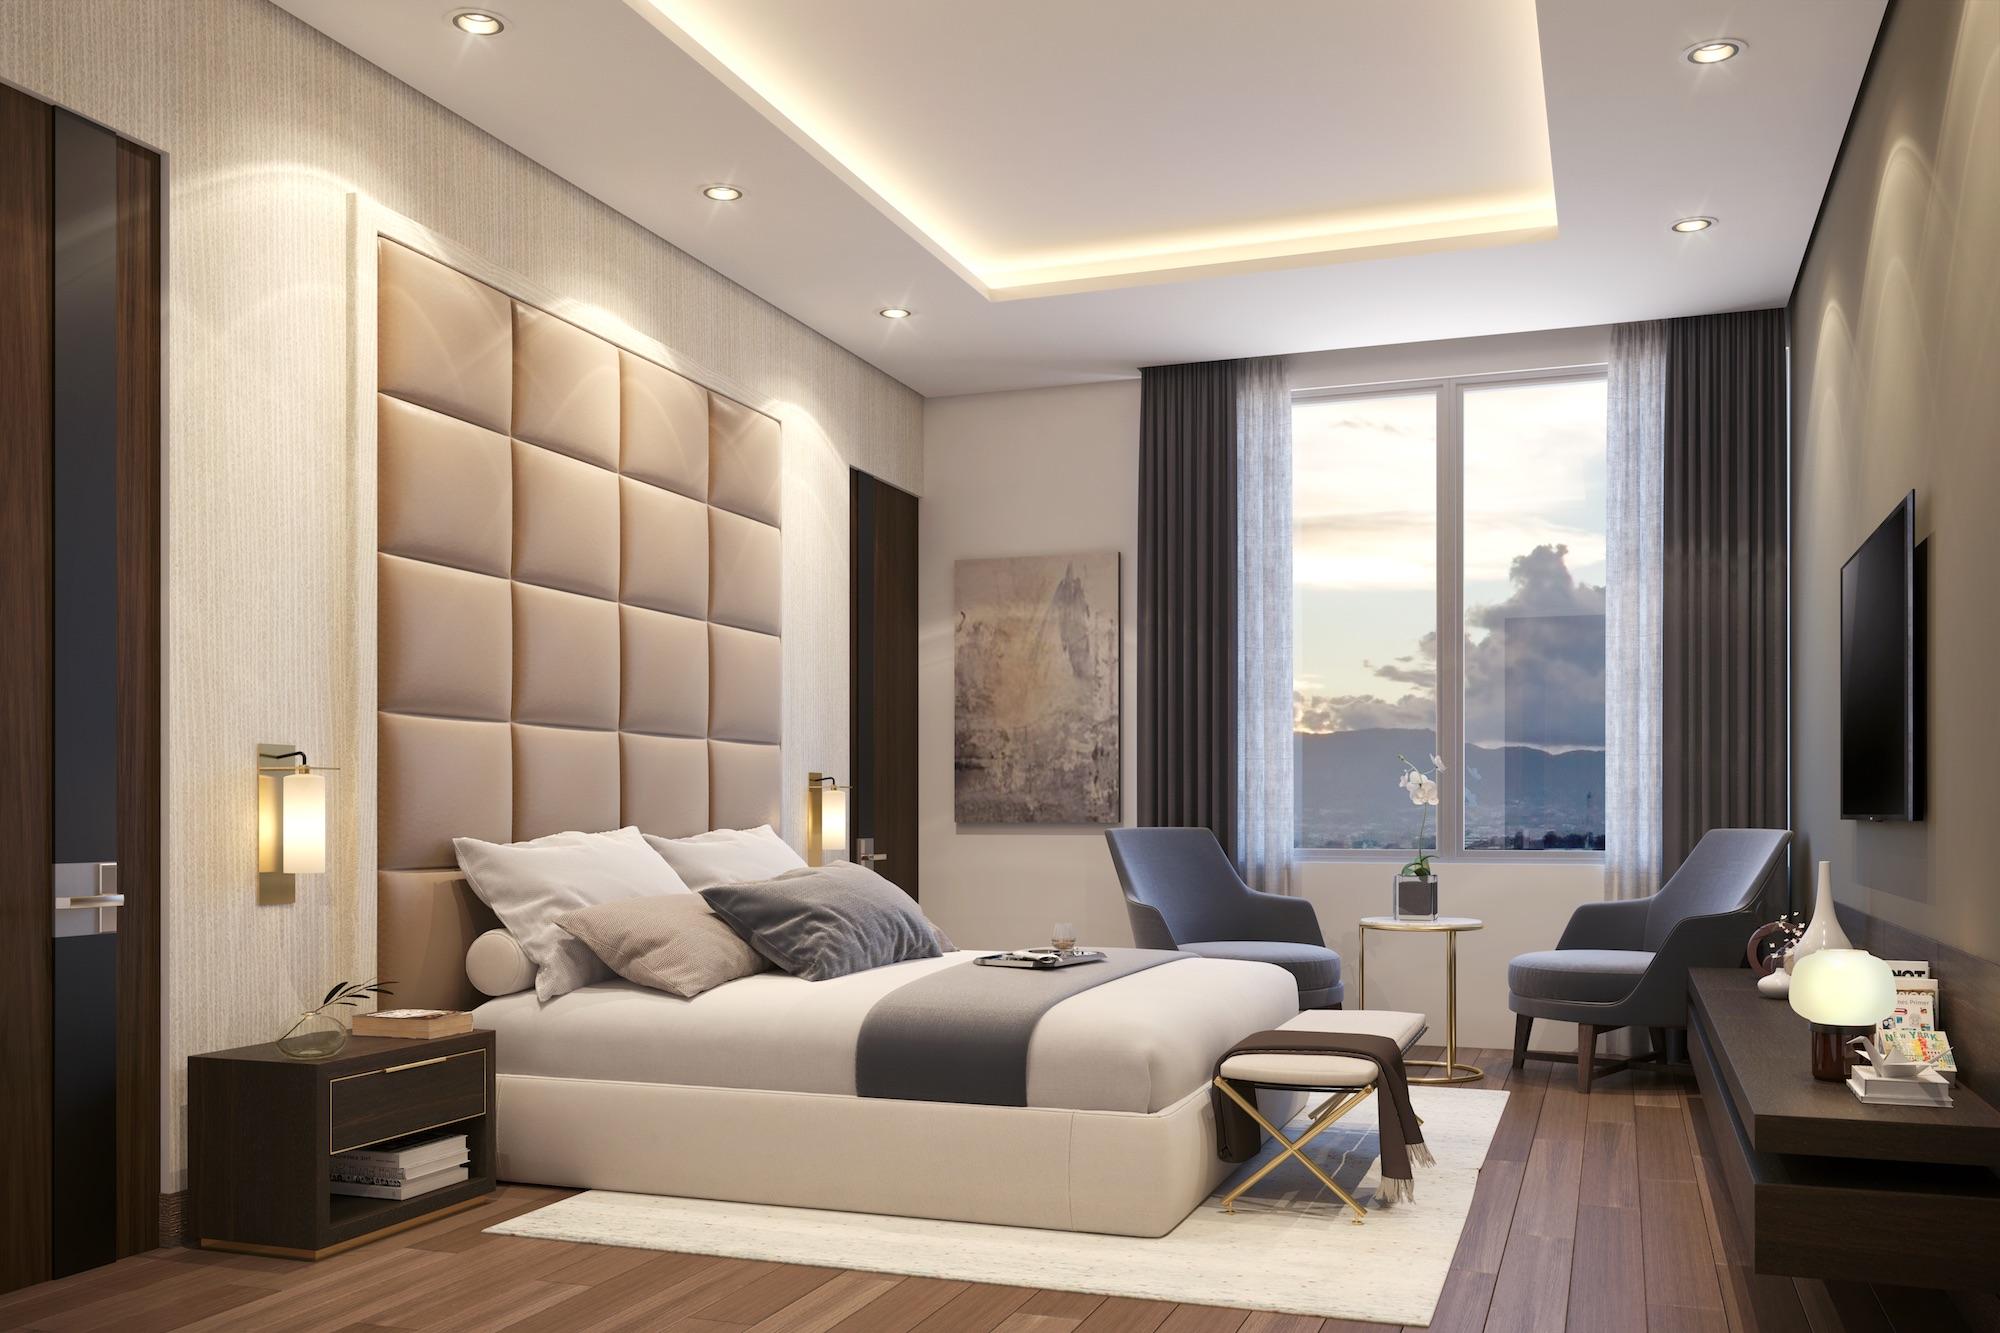 11 Echo Apartamentos - Dormitorio Principal copy.jpg